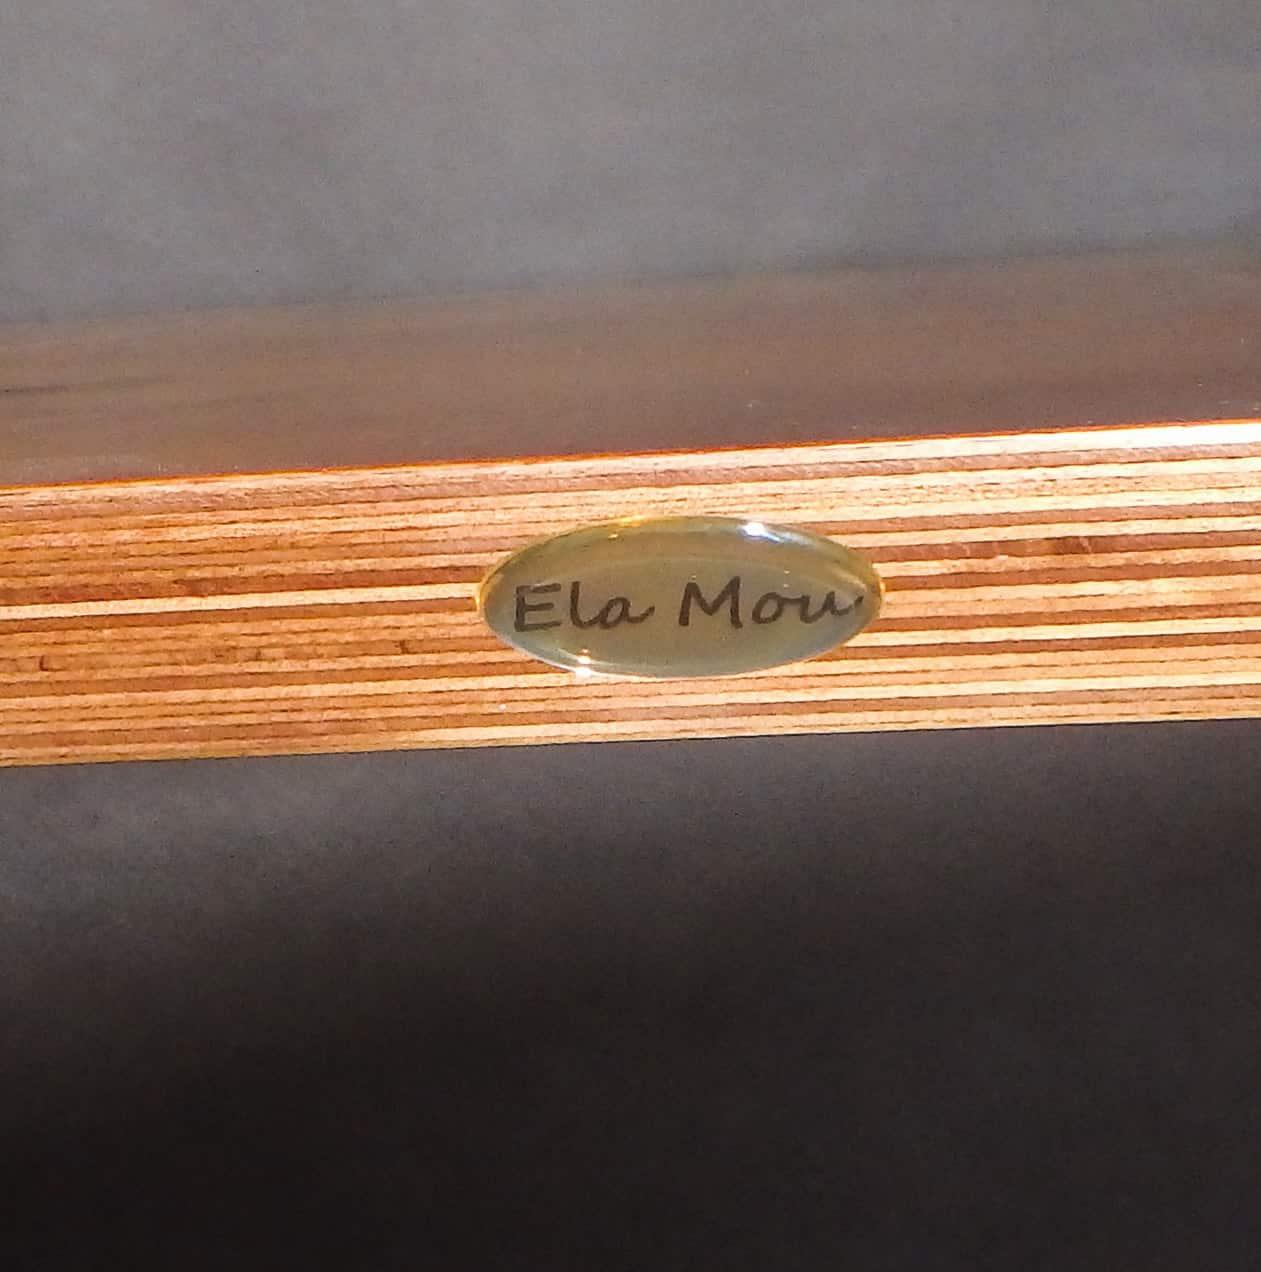 naklejki wypukłe 3d złote z napisem Ela Mou